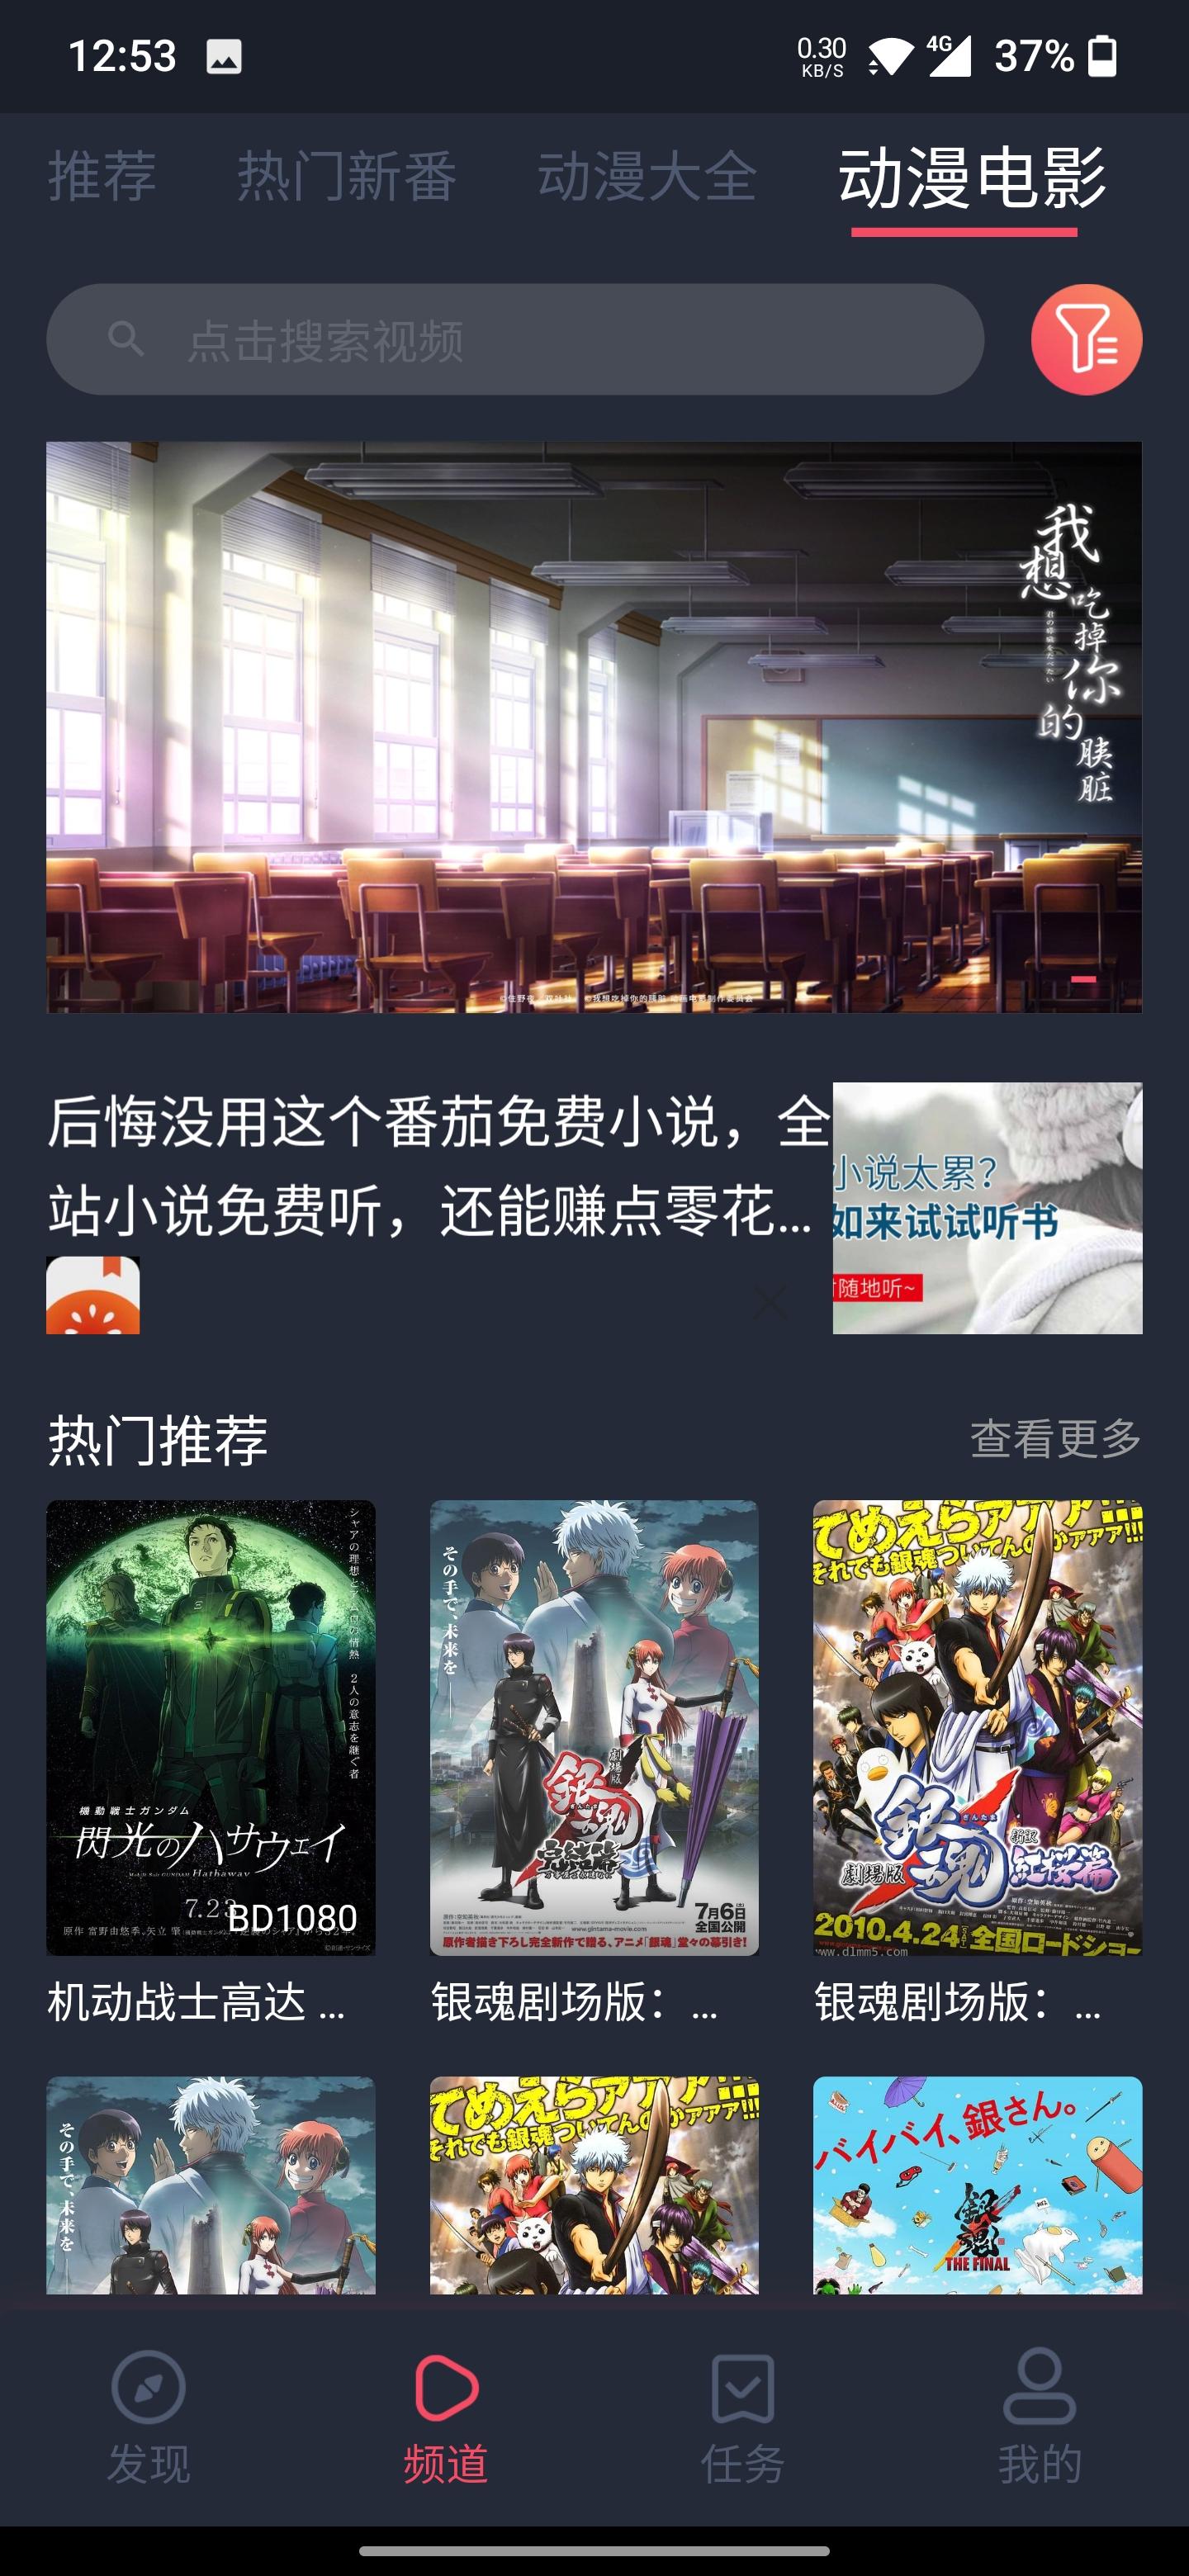 Screenshot_20210820-125326.jpg